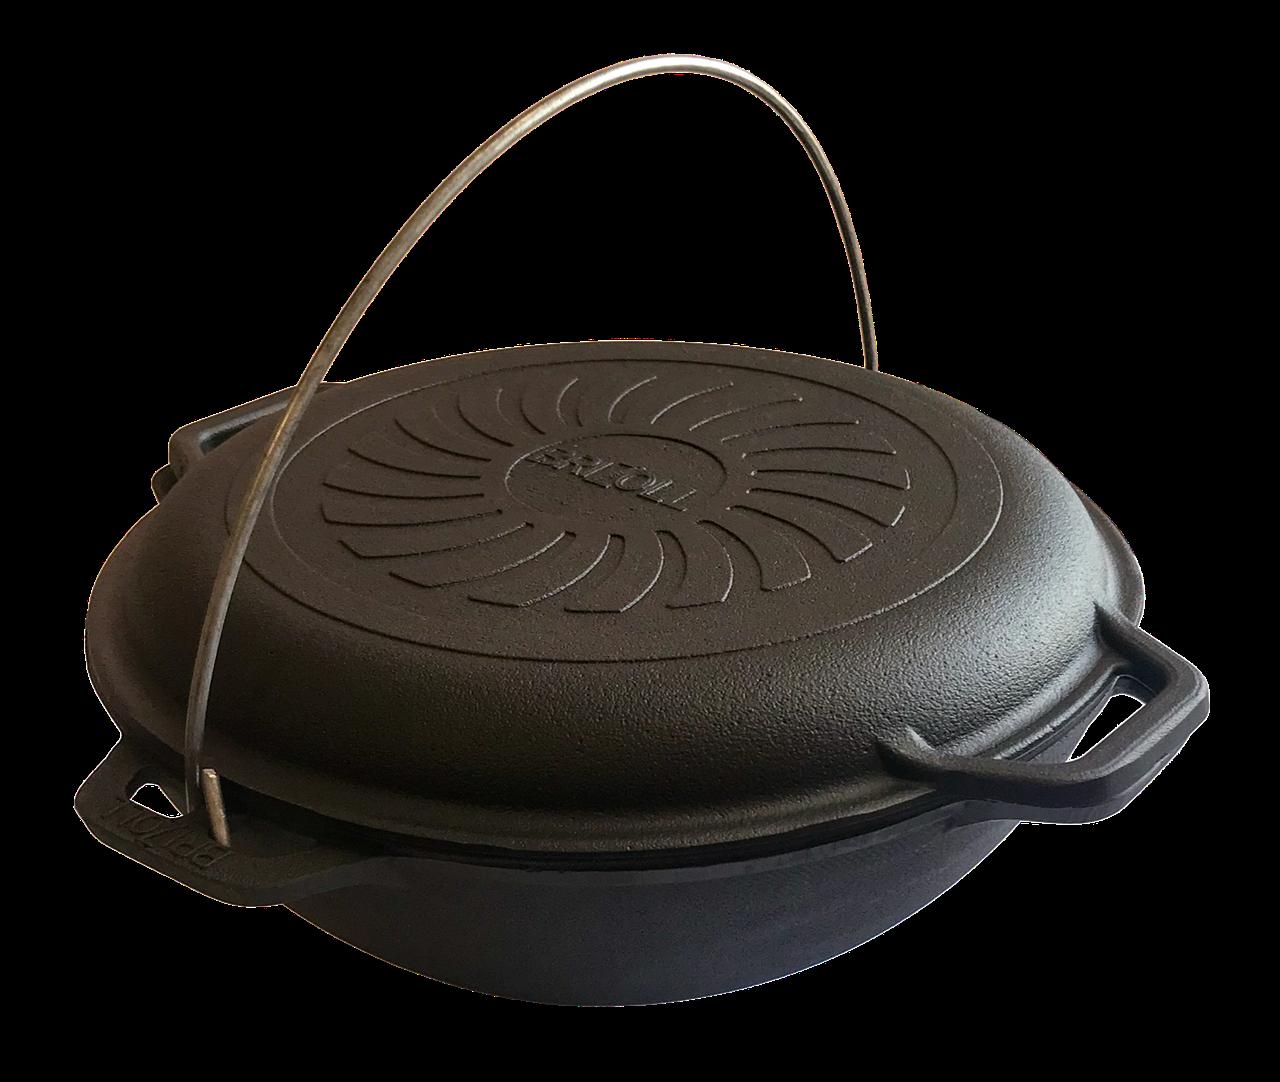 Казан чавунний азіатський Brizoll 4л з кришкою-сковородою Бризол (Казанок для юшки і плову на вогнищі плиті)